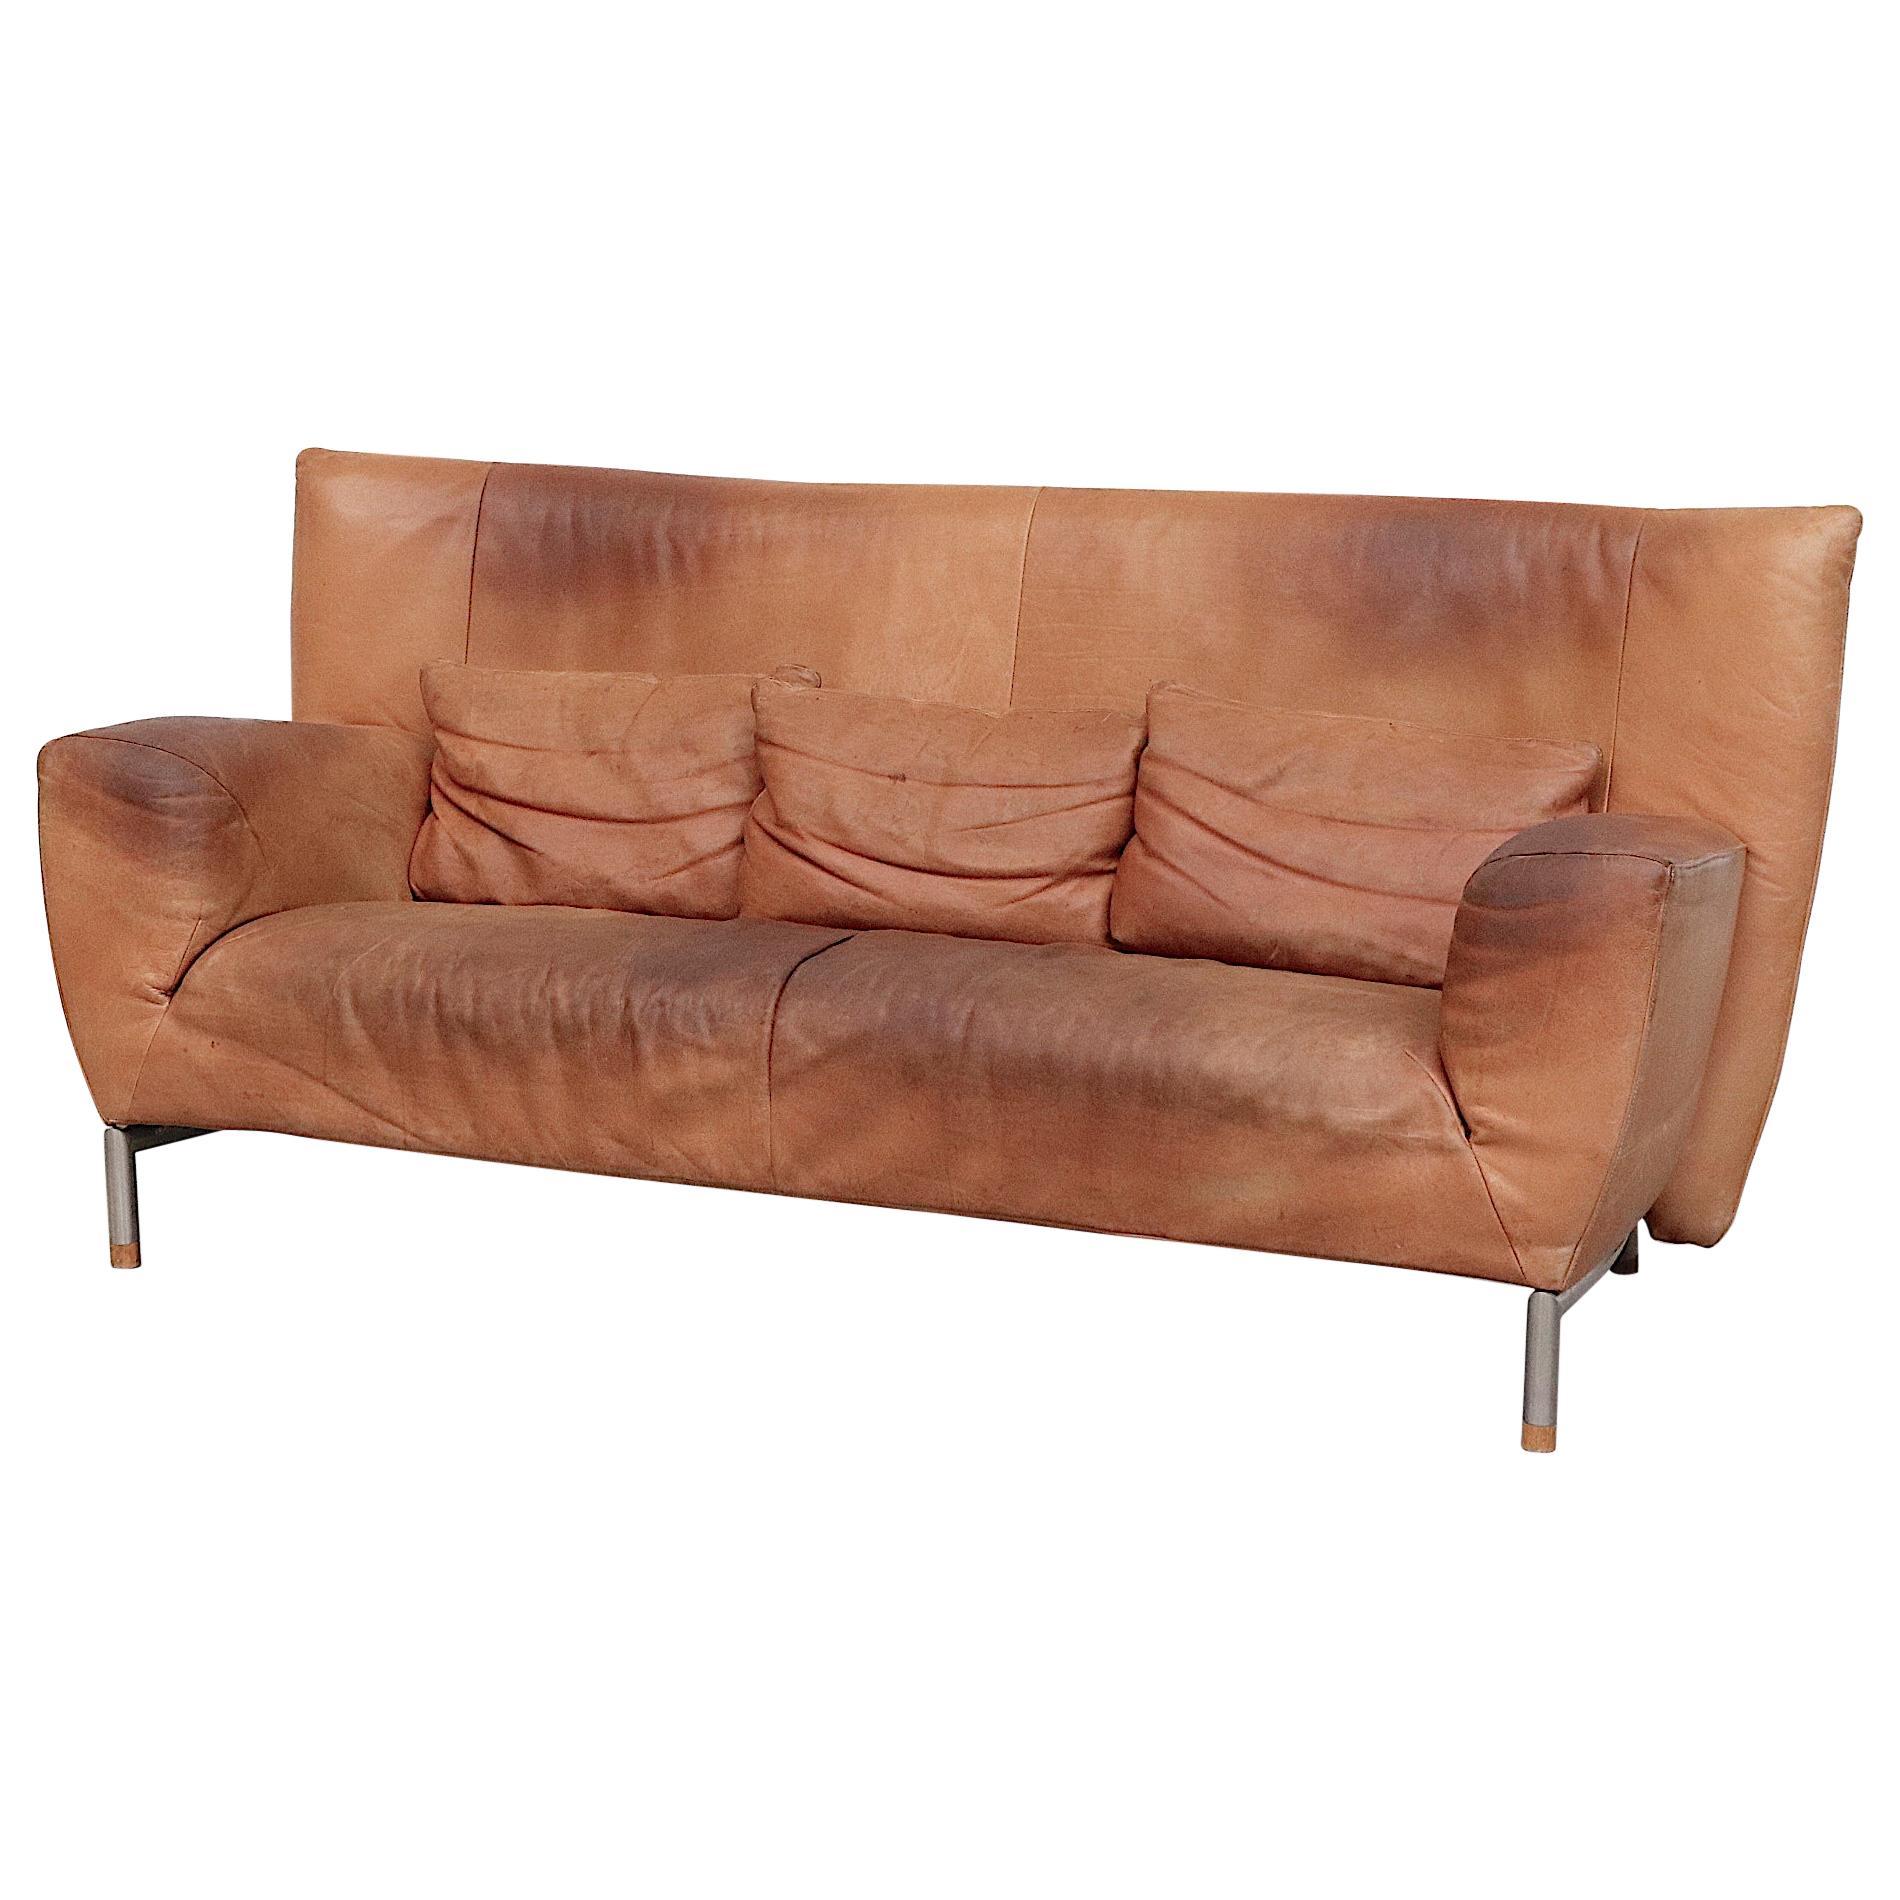 Gerard Van Den Berg High Back Natural Leather Sofa for Montis